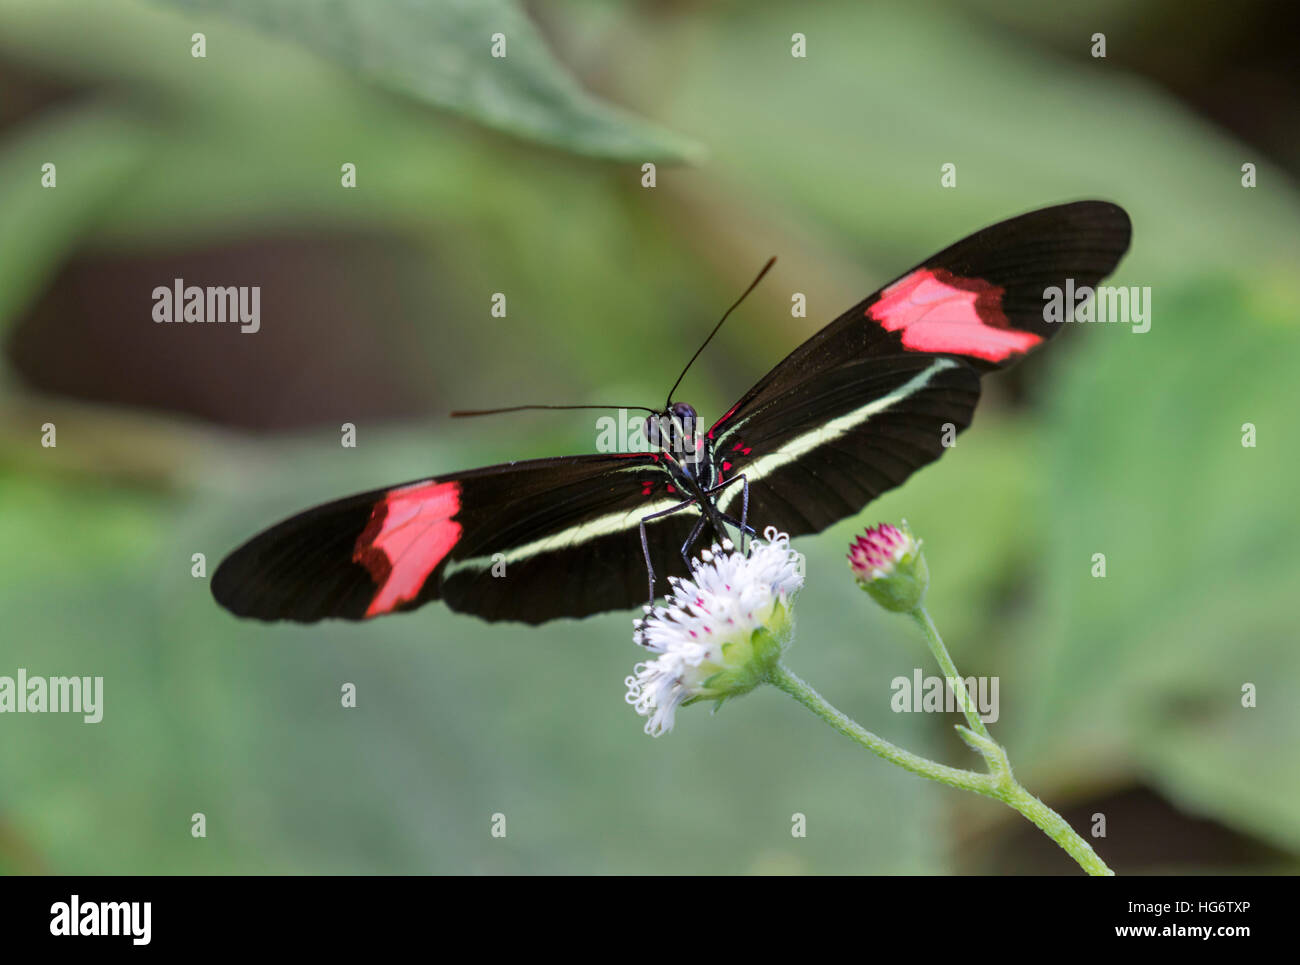 Red portalettere butterfly (Heliconius erato) alimentazione su un fiore, Belize, America Centrale Immagini Stock